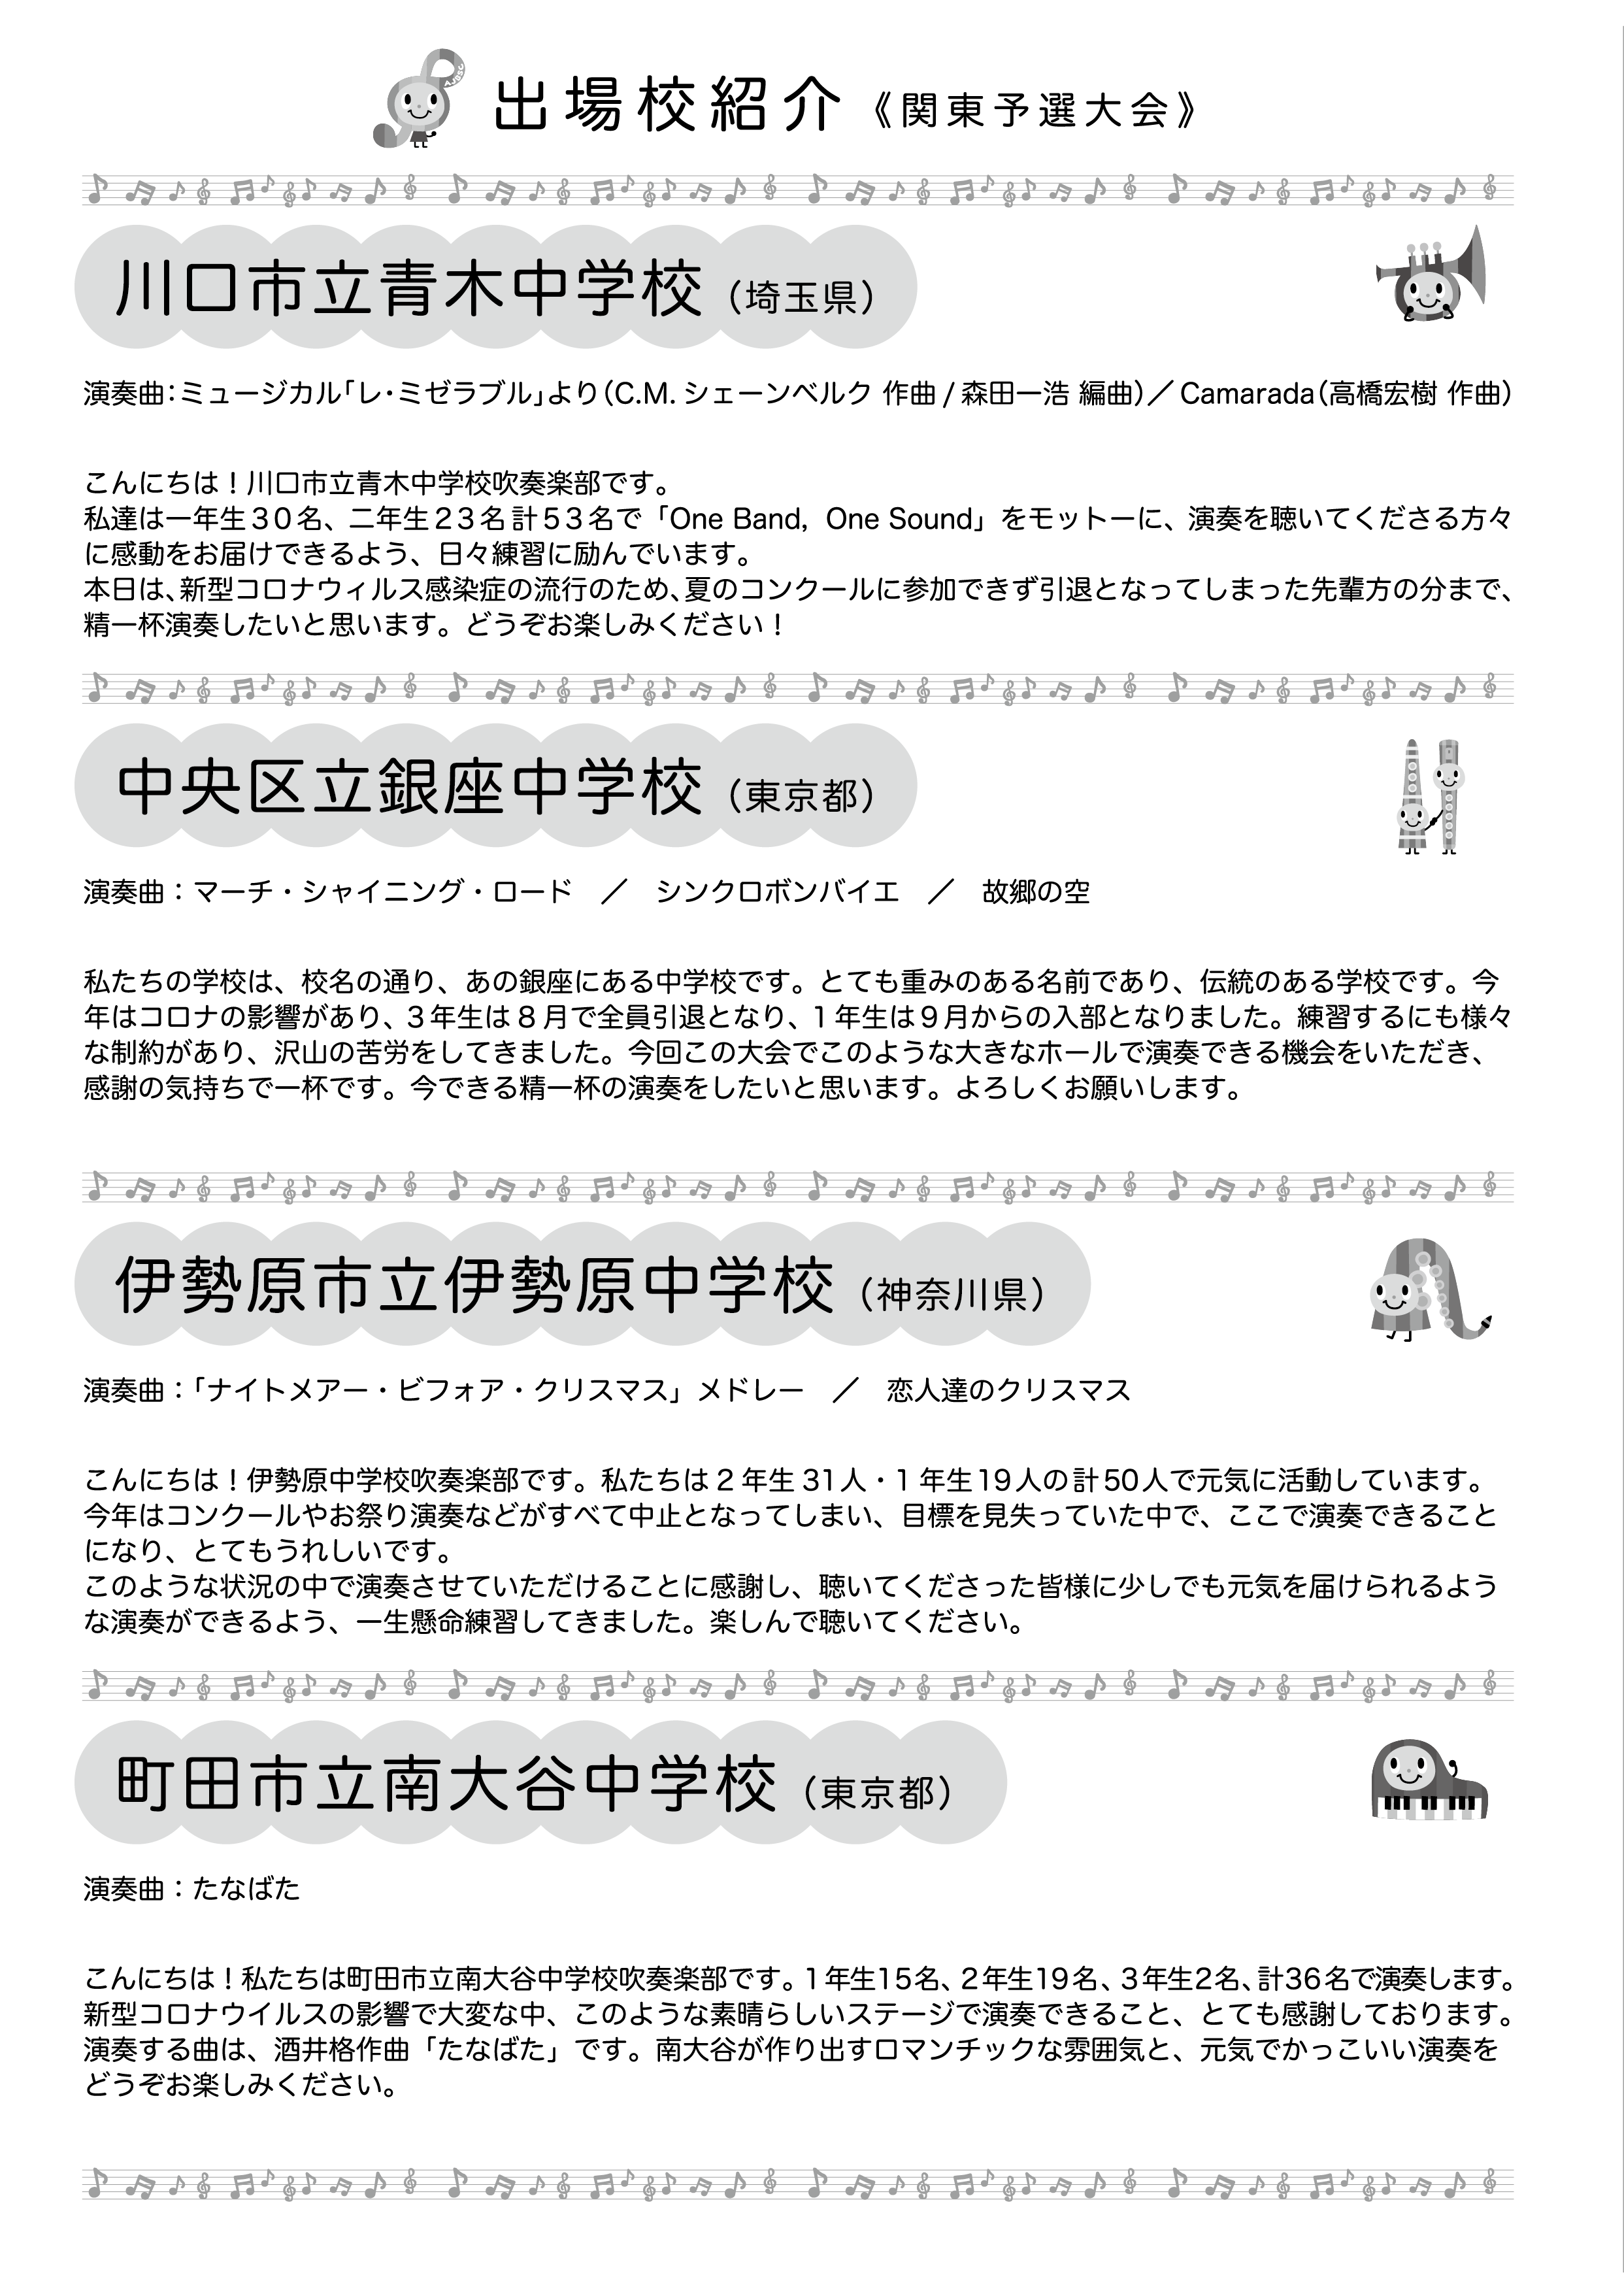 関東予選プログラム2